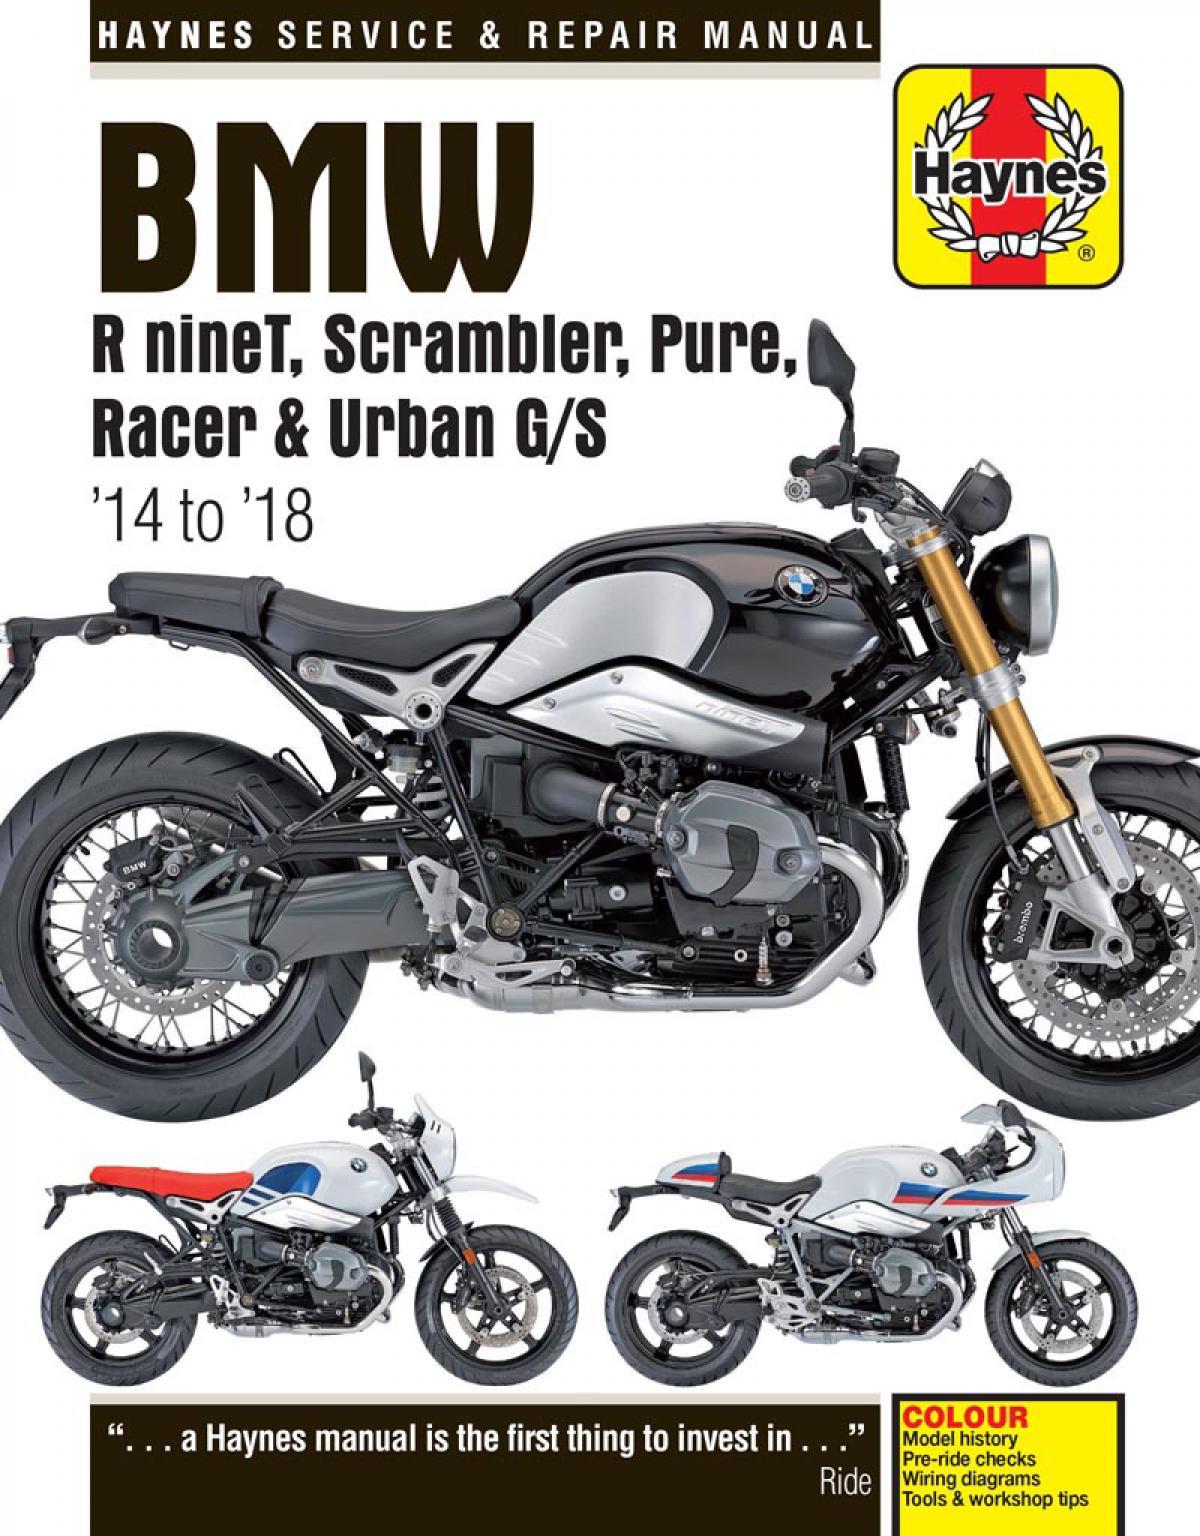 bmw r 1100 wiring diagram new haynes manual for bmw r ninet range visordown  new haynes manual for bmw r ninet range